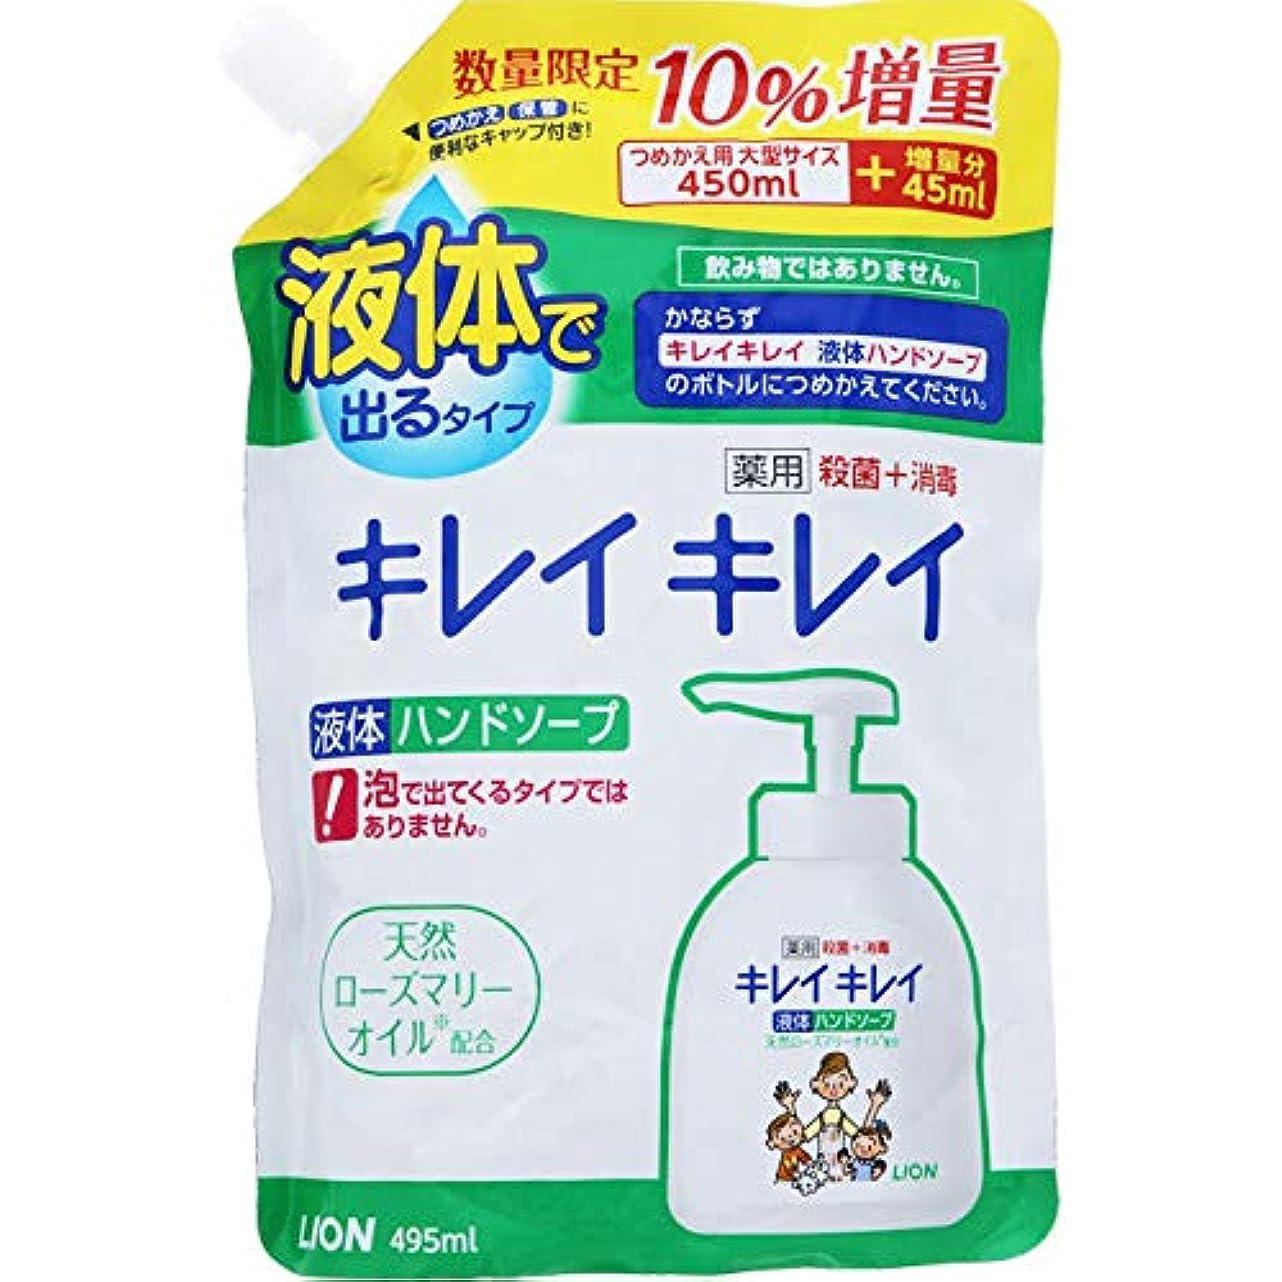 プロット場所受け継ぐライオン キレイキレイ 薬用ハンドソープ 詰替用大型増量 450+45ml